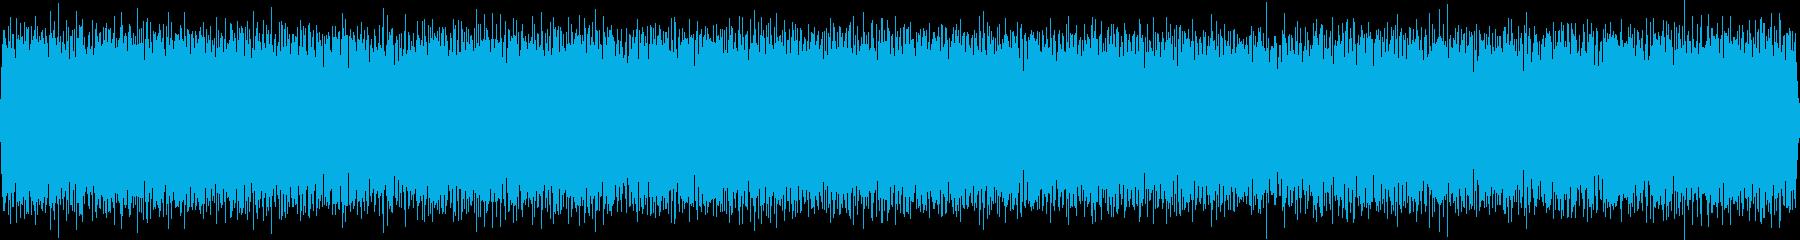 バス停車中(車外から録音)の再生済みの波形